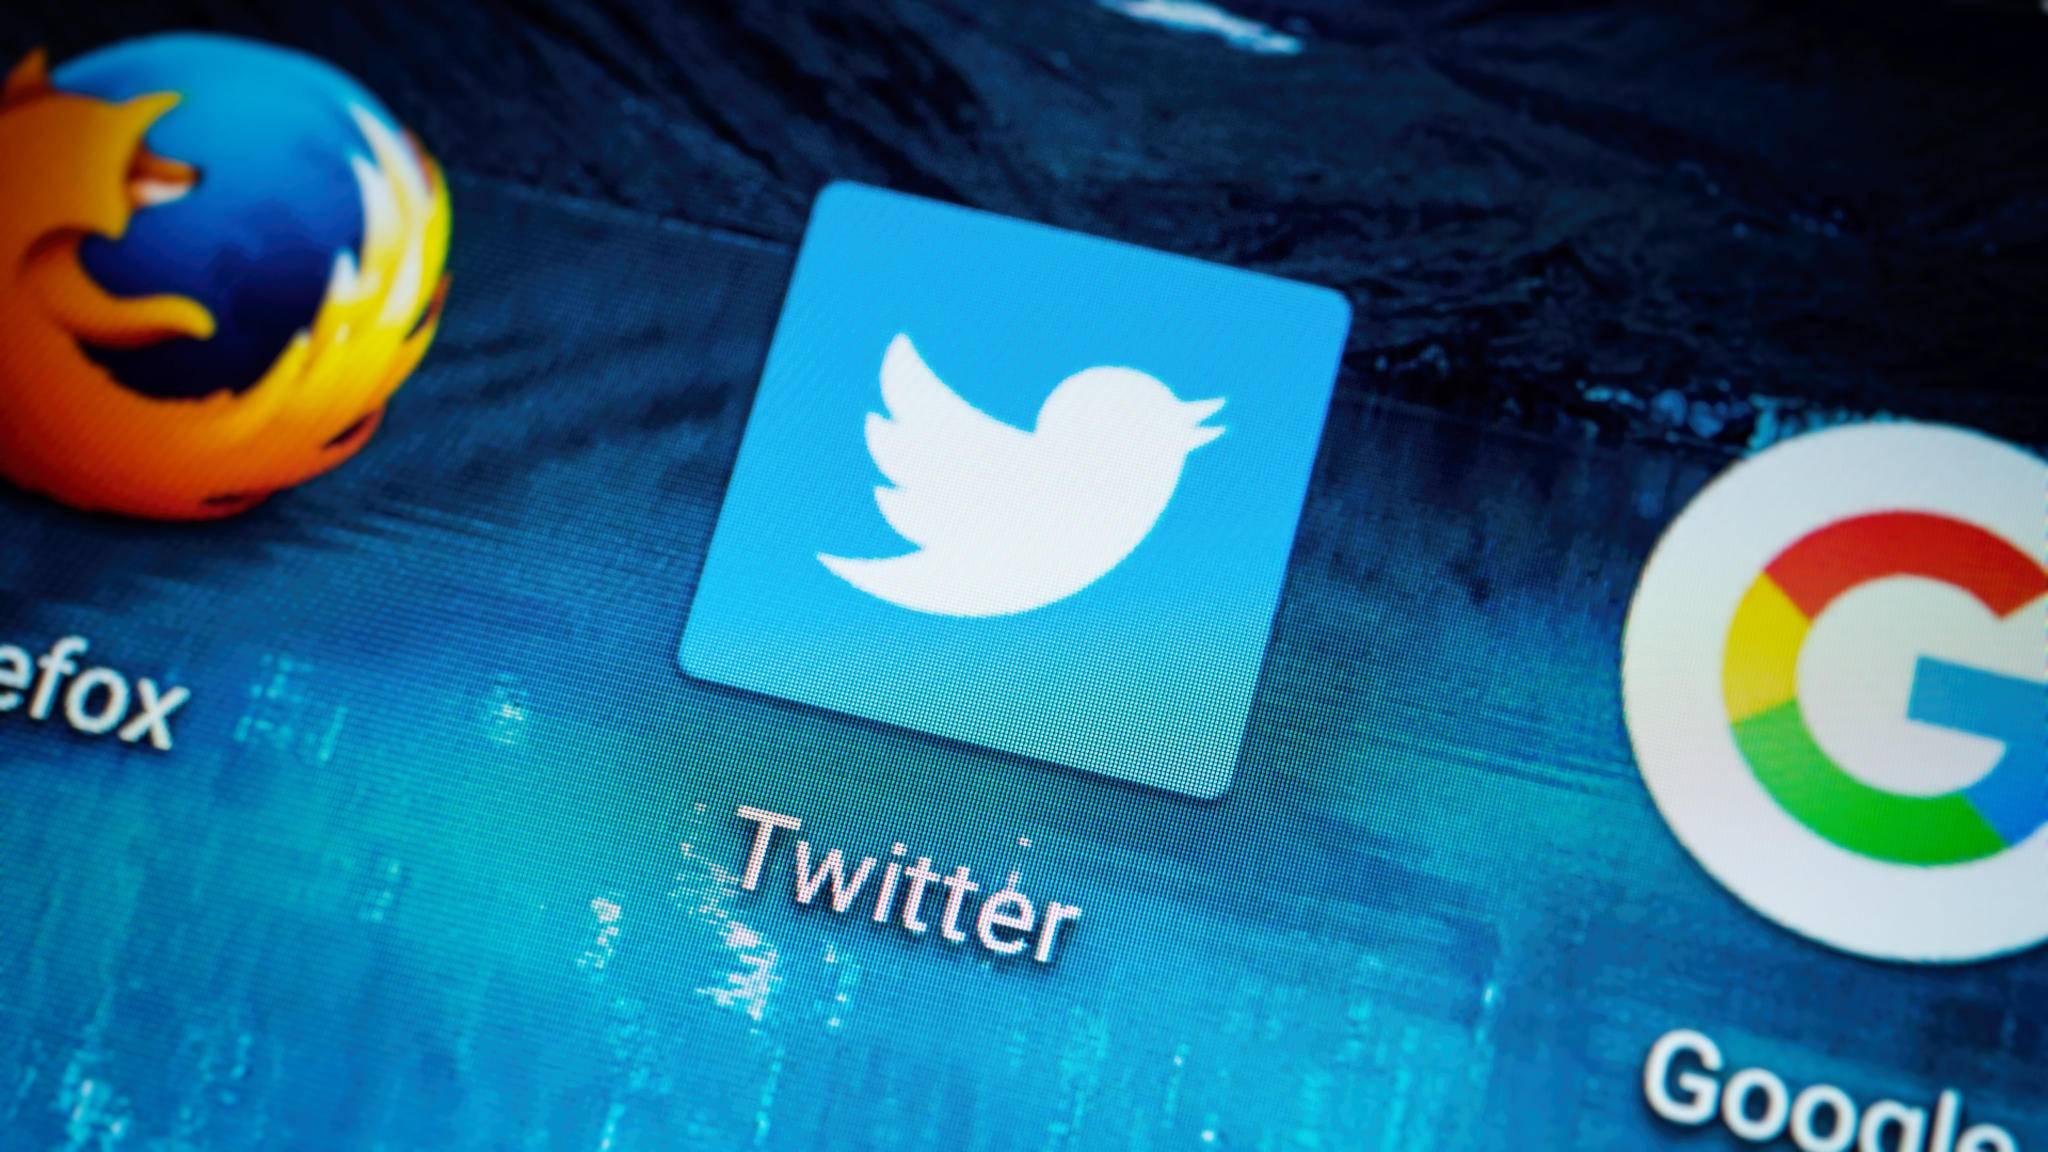 Am Wochenende gelang es Hackern kurzzeitig, Tweets über den Account von Twitter-CEO Jack Dorsey zu veröffentlichen. Zugriff auf sensible Informationen sollen sie nicht gehabt haben.